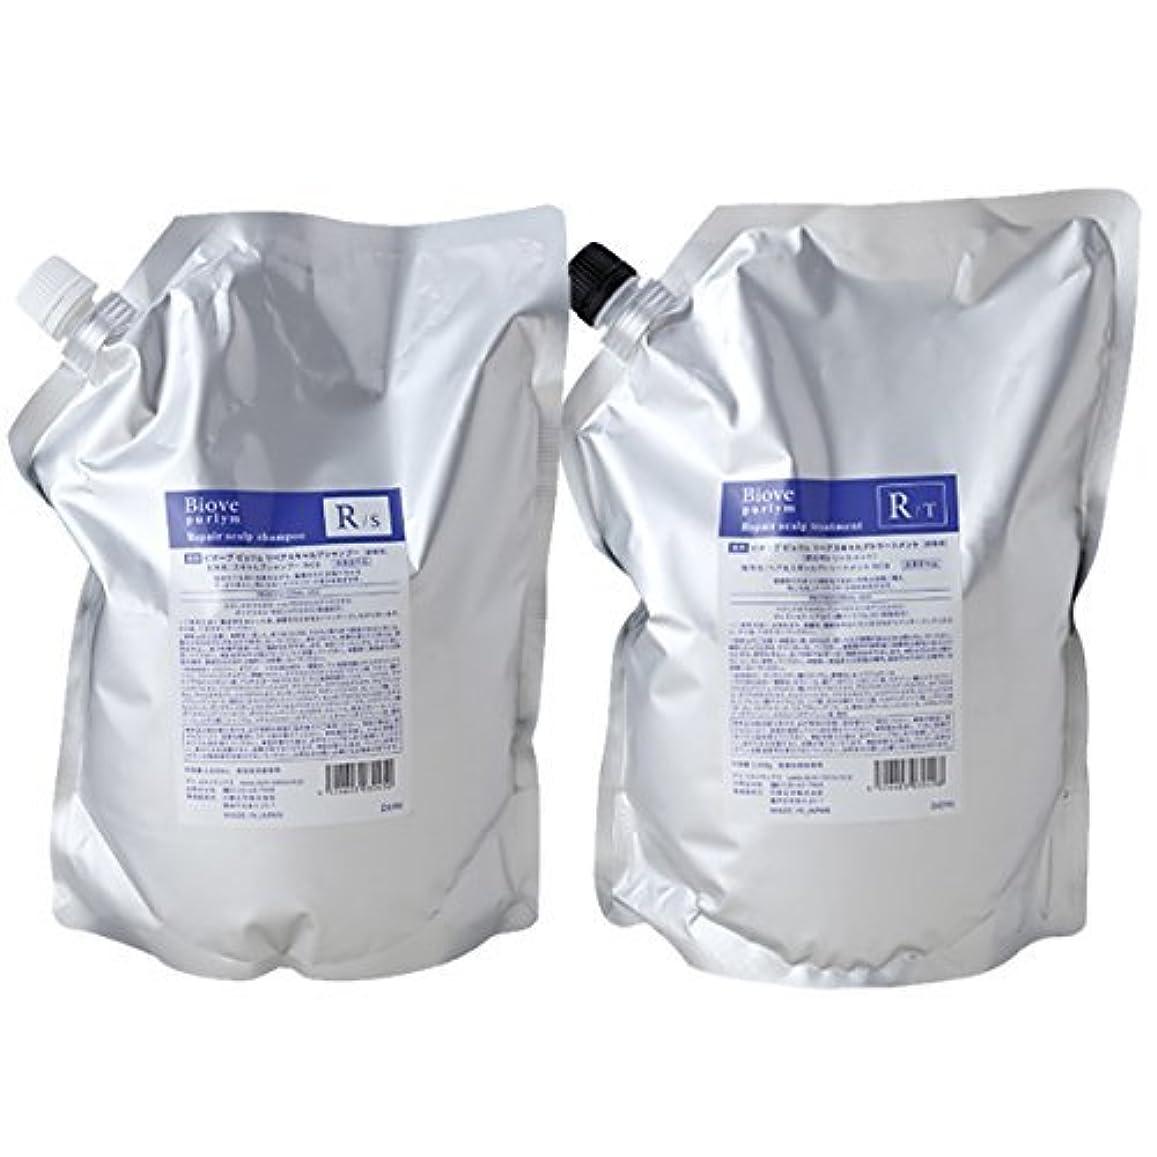 印刷する溶接アラブサラボデミ ビオーブ ピュリム リペアスキャルプ シャンプー 2000ml & トリートメント 2000g 詰め替え用 セット DEMI Biove purlym